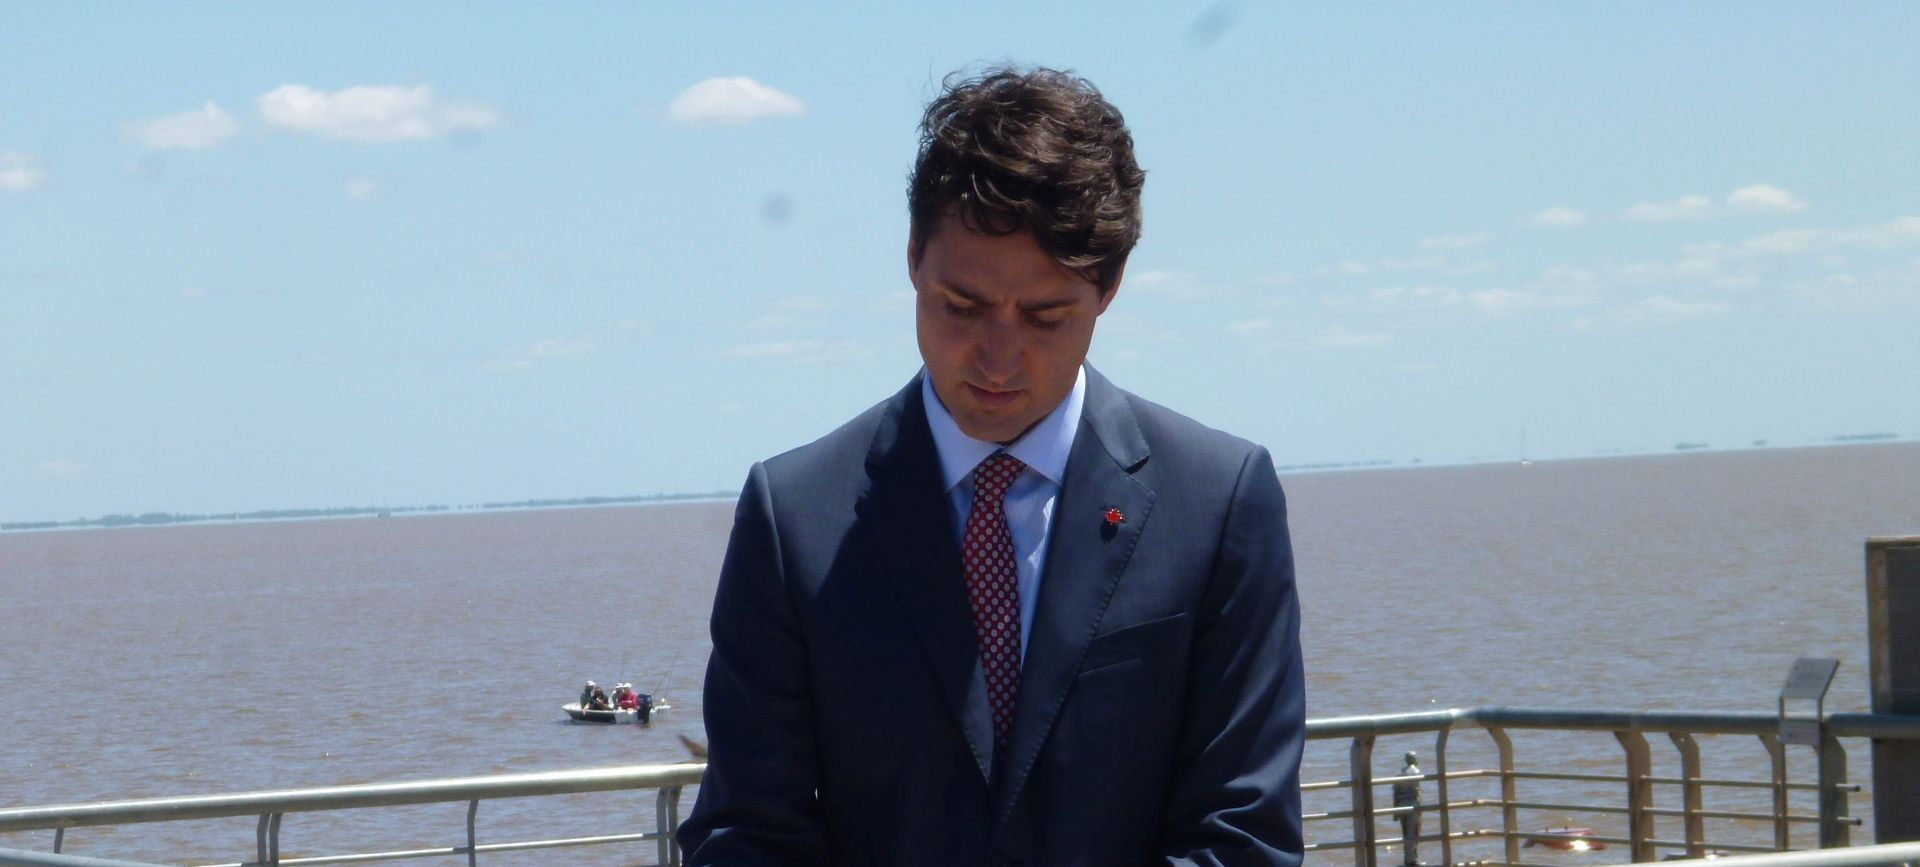 Sućut predsjednika Vlade Andreja Plenkovića kanadskom premijeru